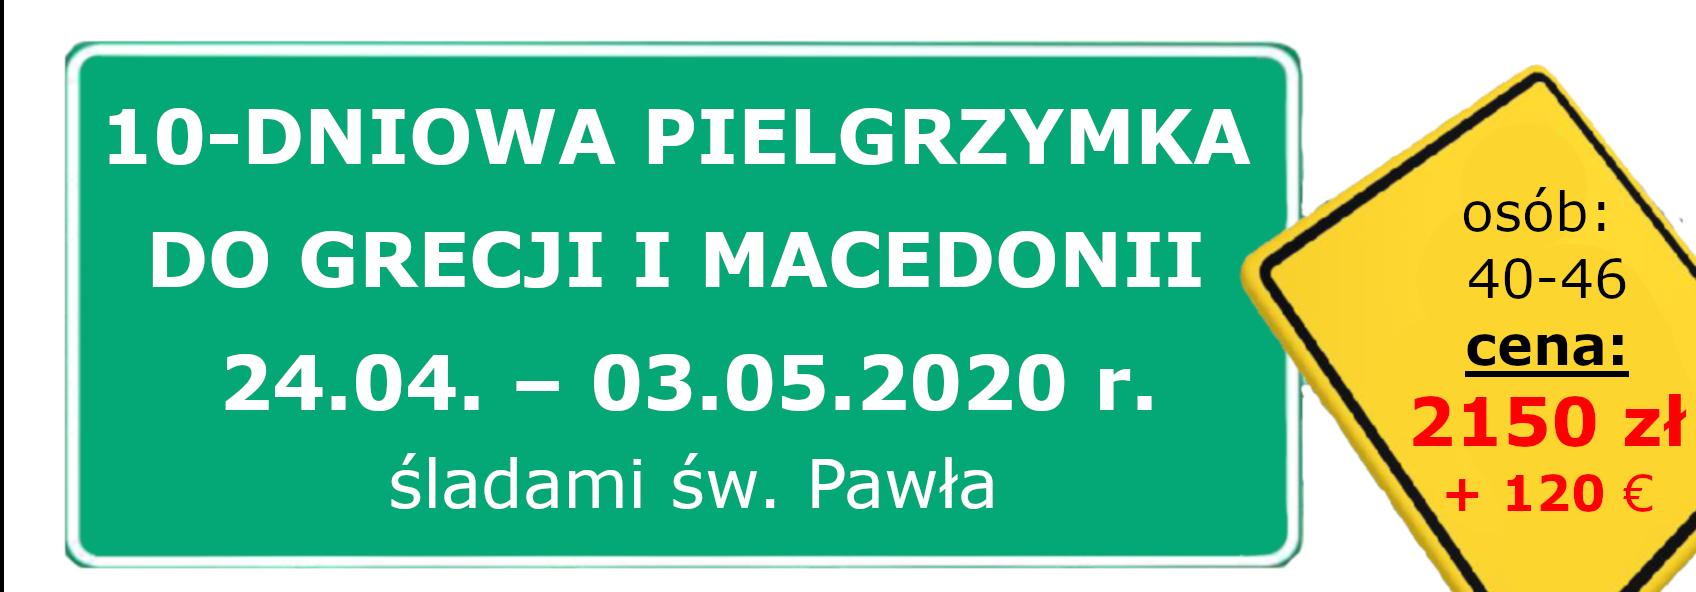 Program Pielgrzymki Do Grecji I Macedonii – śladami św. Pawła